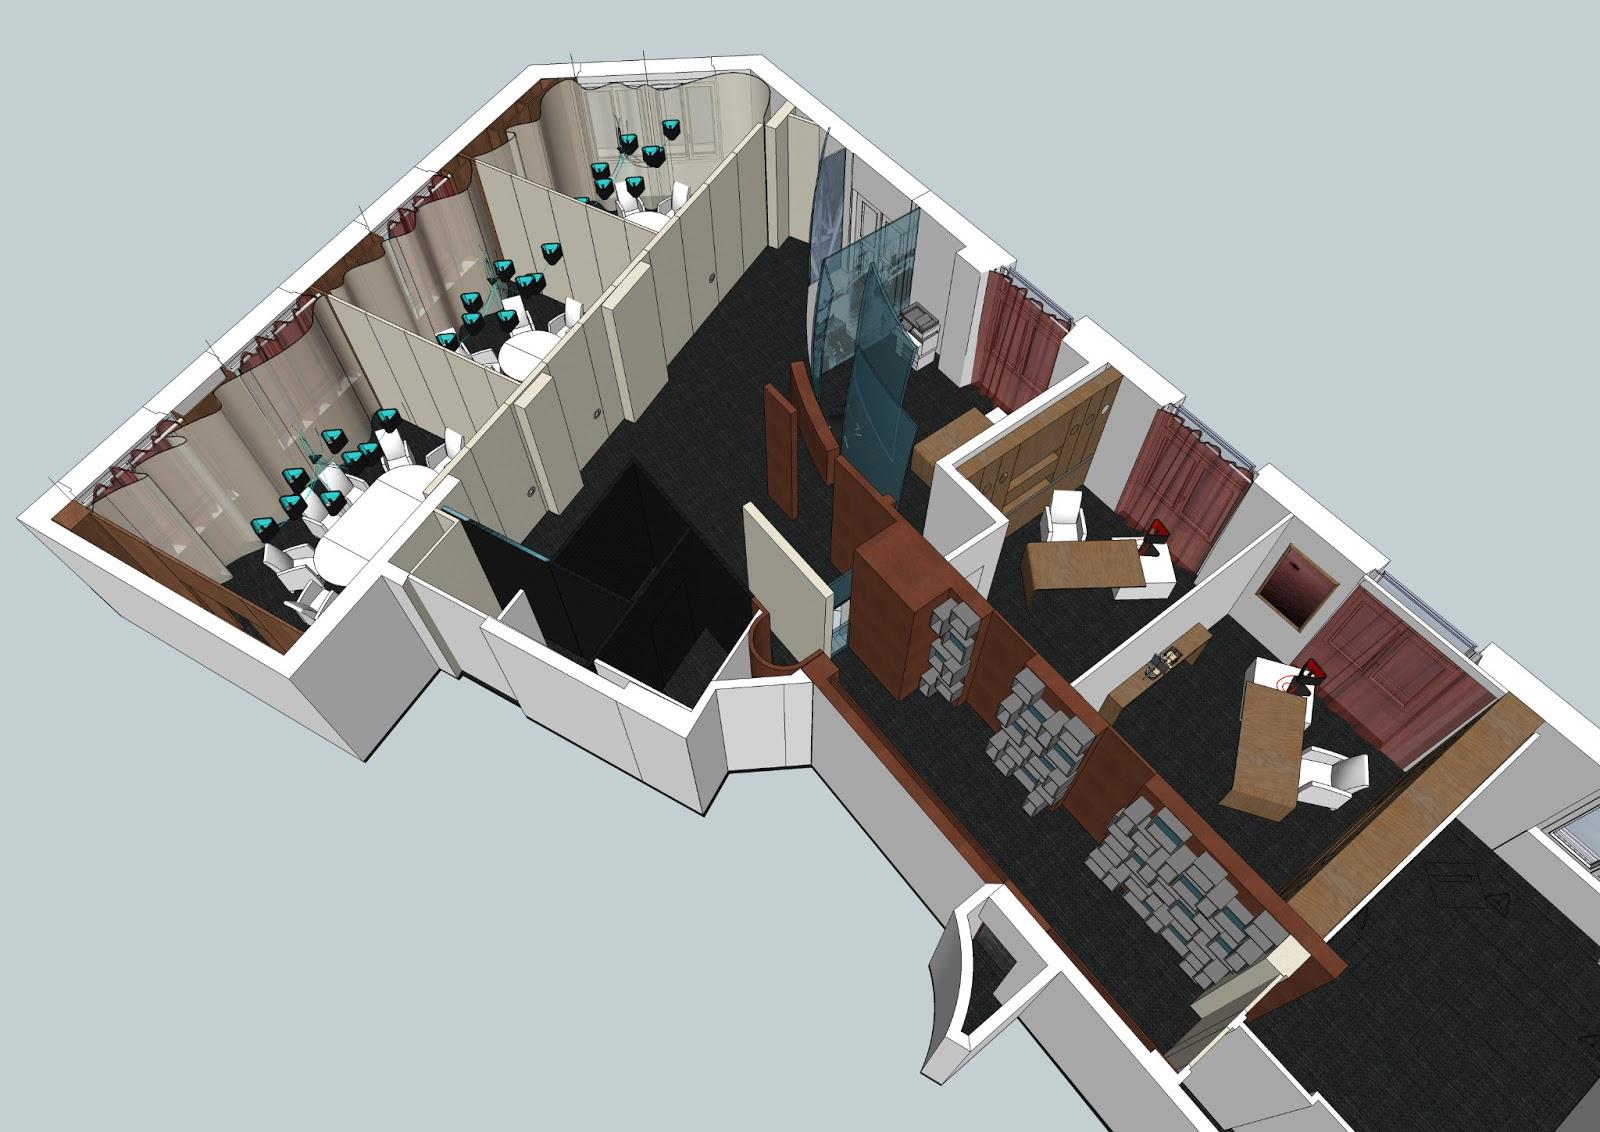 agence d 39 architecture int rieure parallel paris le grand port maritime de marseille renove. Black Bedroom Furniture Sets. Home Design Ideas